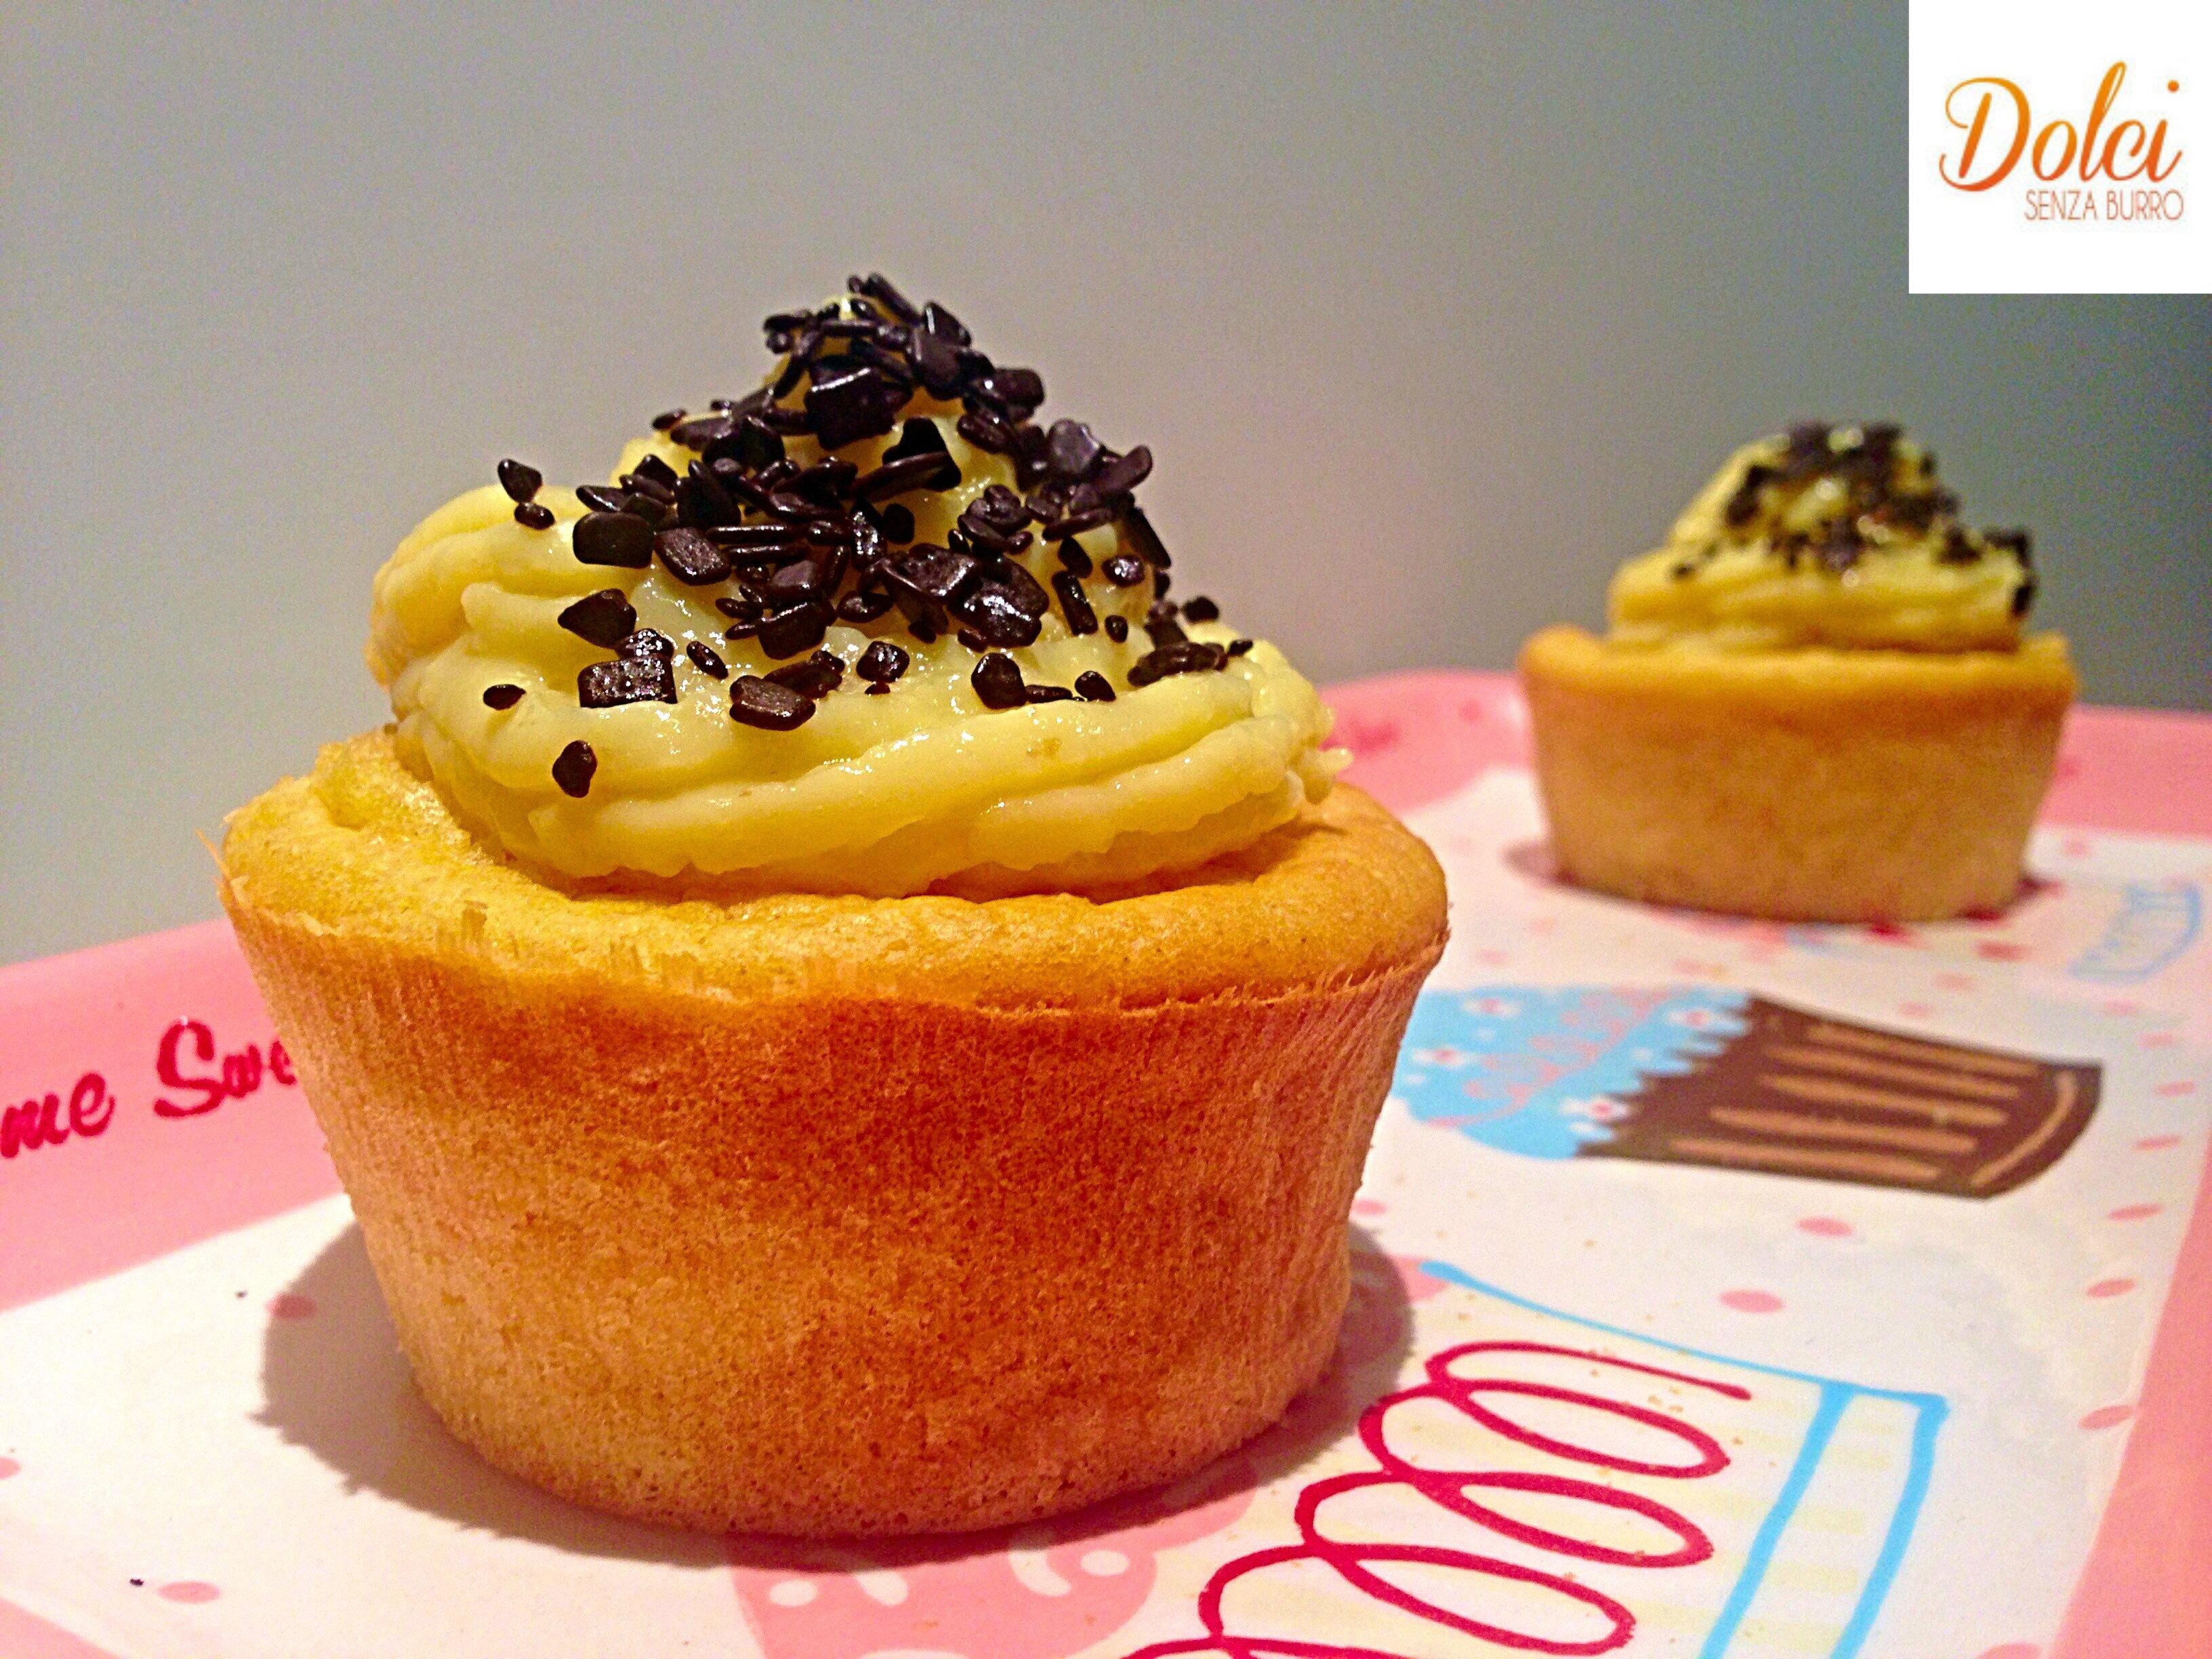 Cupcake Senza Burro alla Carota e Vaniglia, il cupcake light di dolci senza burro